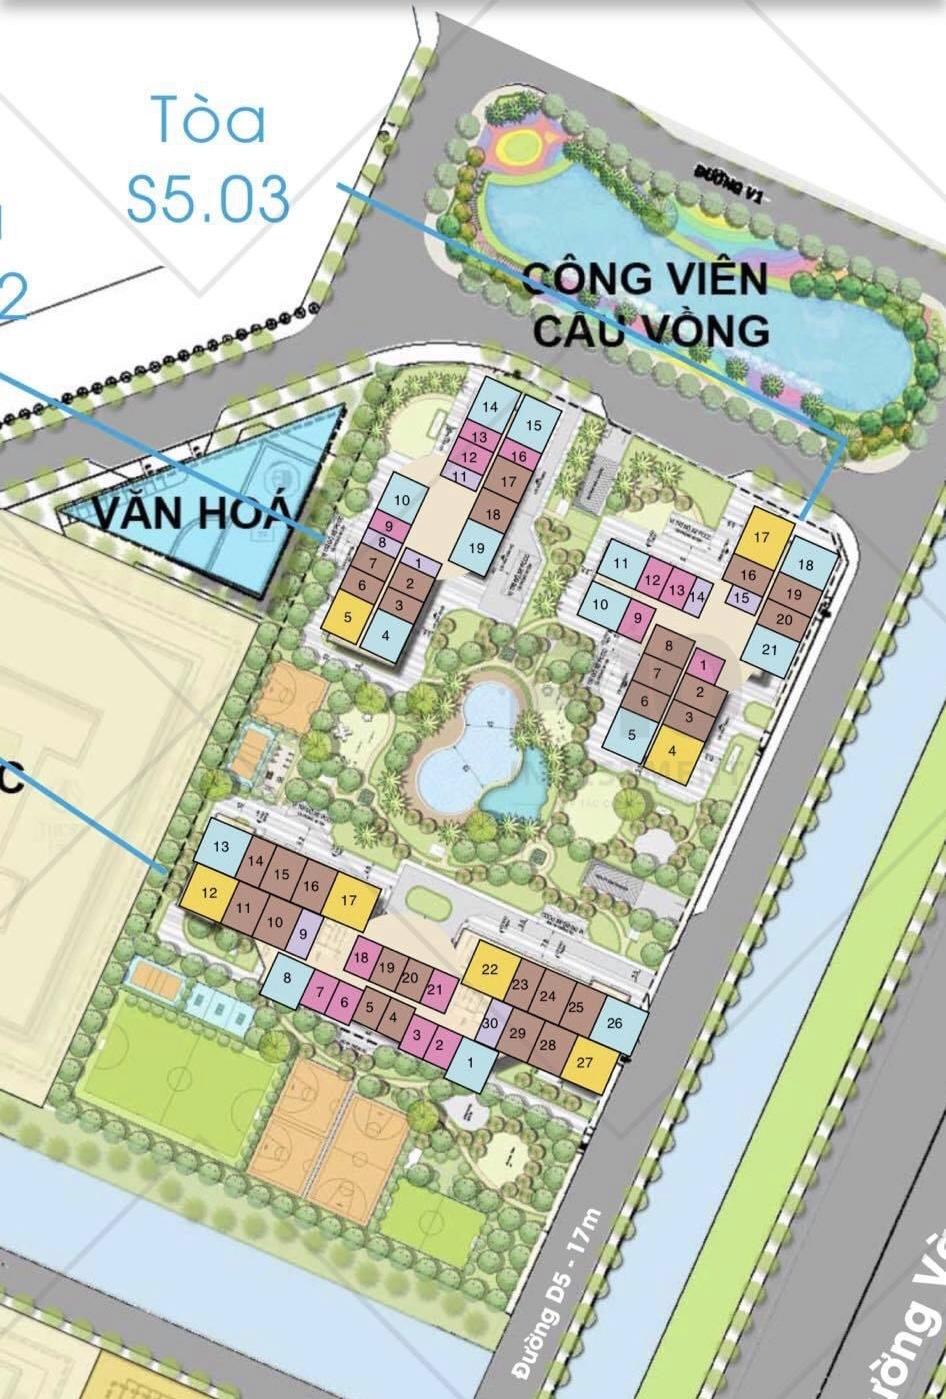 thông tin chi tiết toà s5.03 Vinhomes Grand Park 1